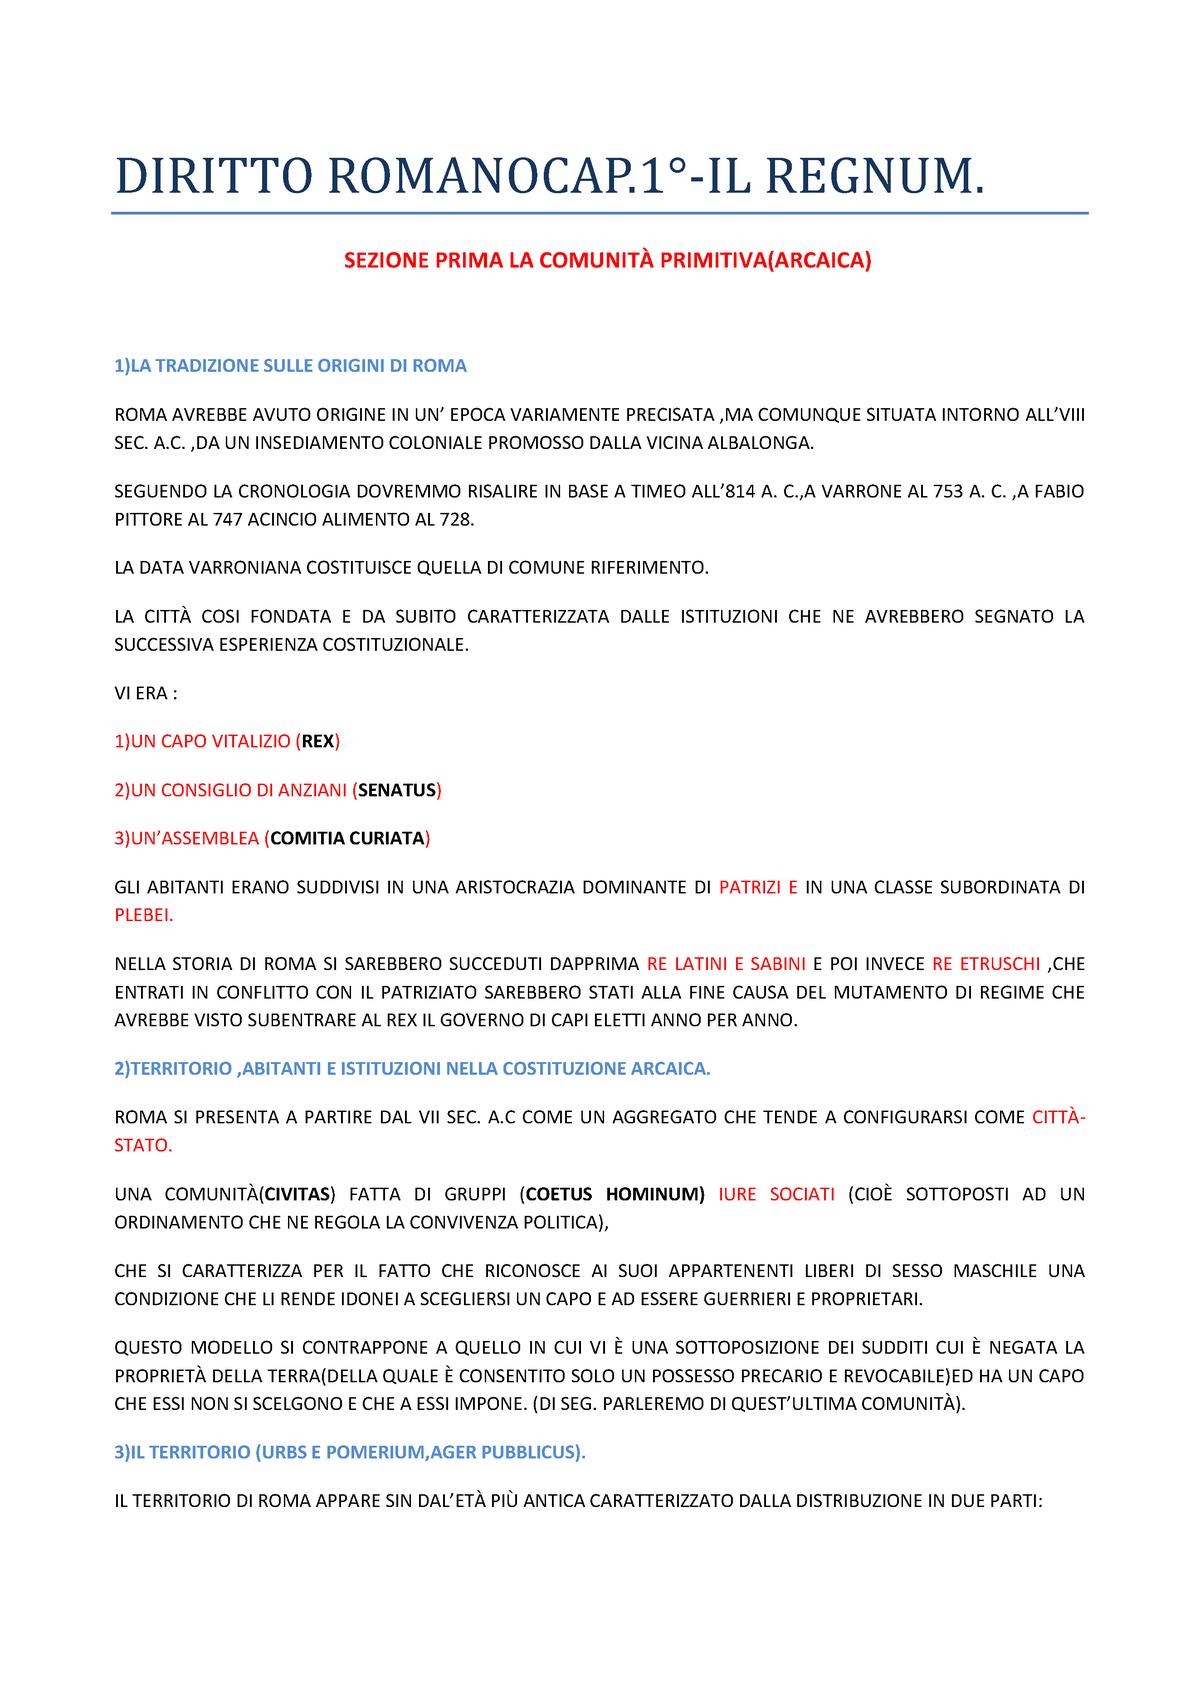 Riassunto Cerami Storia Del Romano Giurisprudenza Diritto Studocu 0OnkX8wP